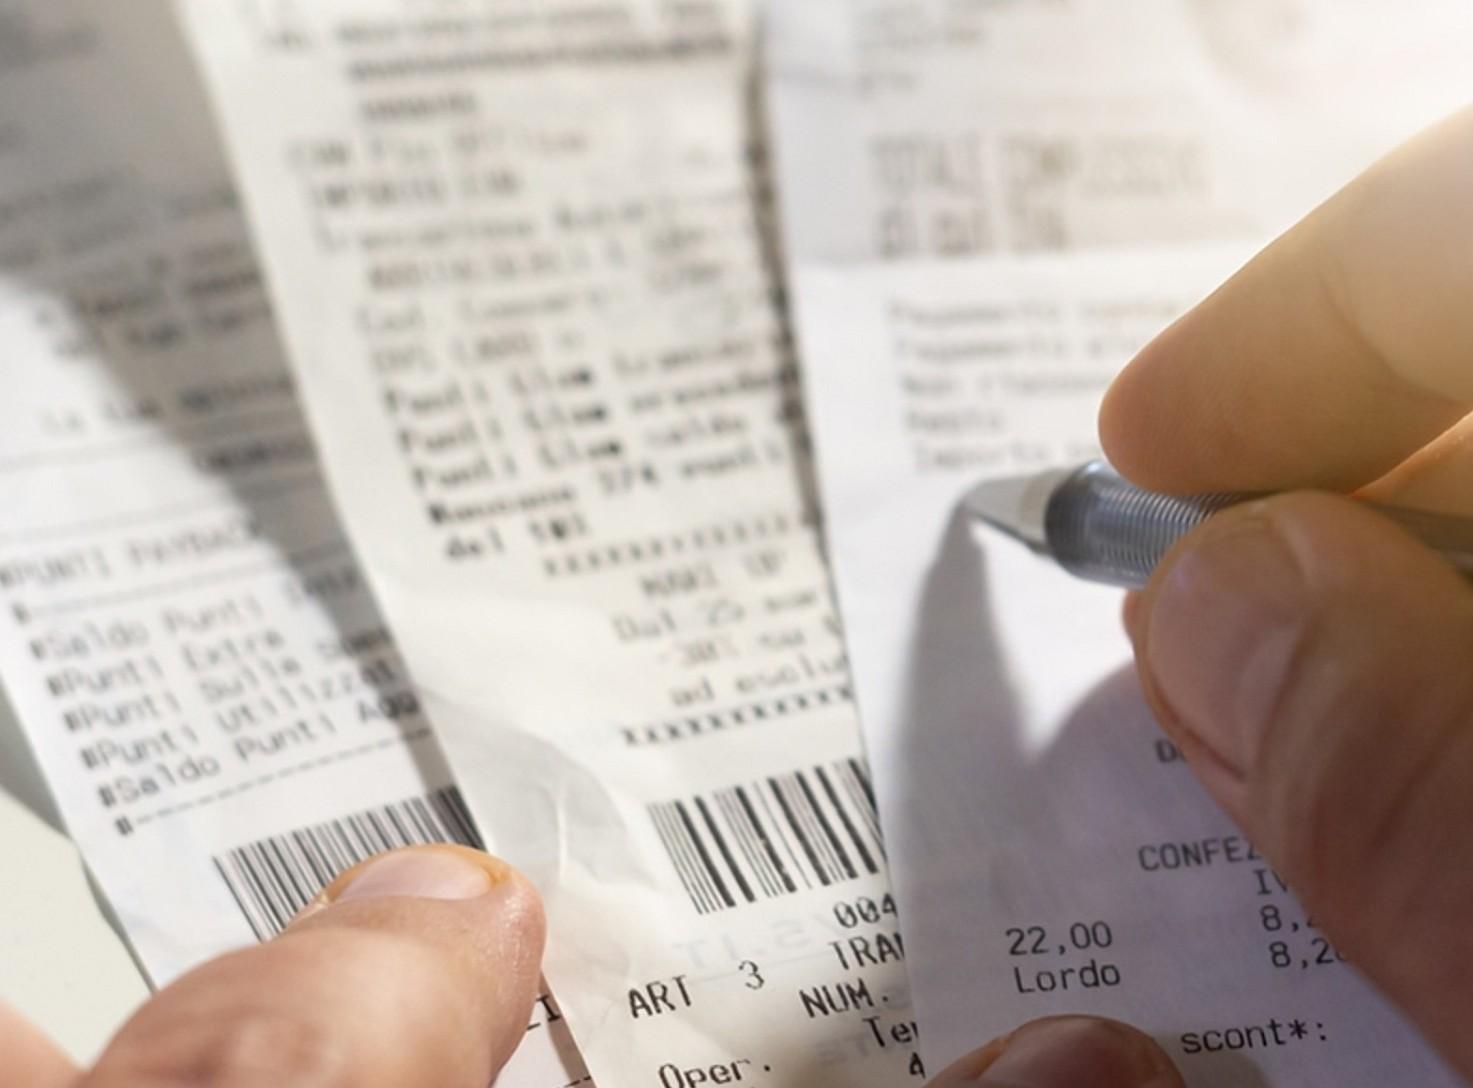 Come avere il codice per partecipare alla Lotteria degli scontrini 2020